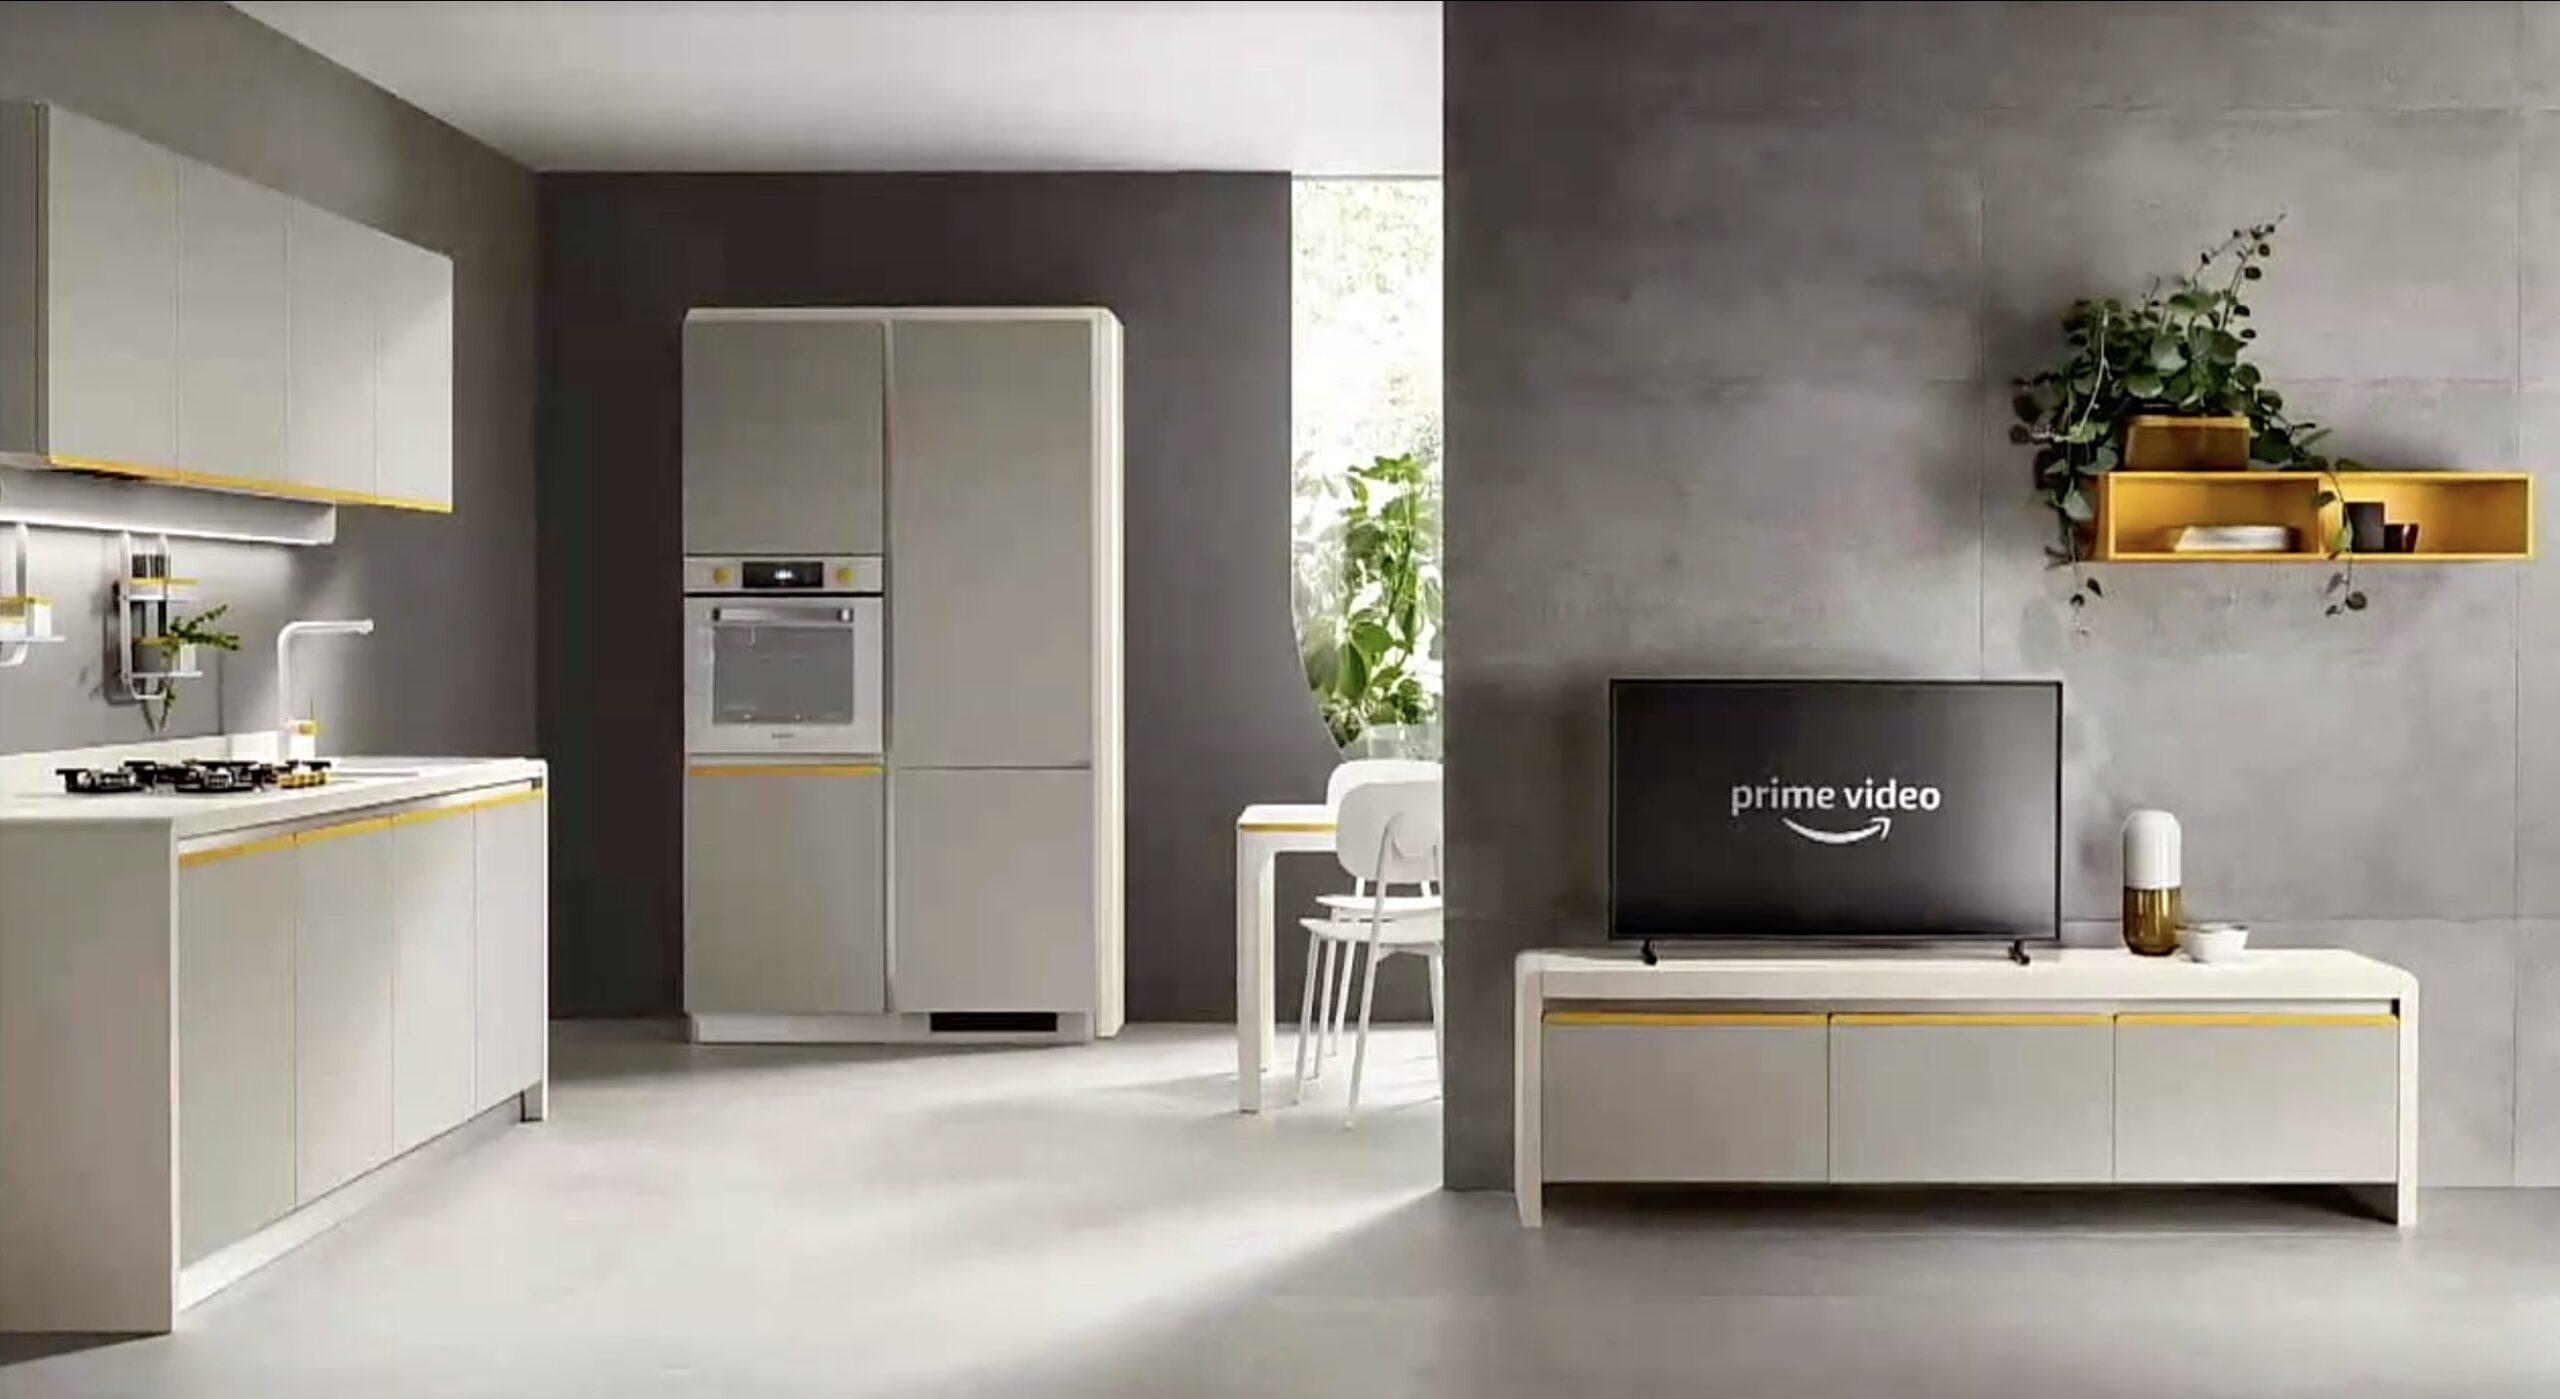 Pristrastyavane Garazh Kamion Cucine Personalizzate Amazon Sfo Idf Com